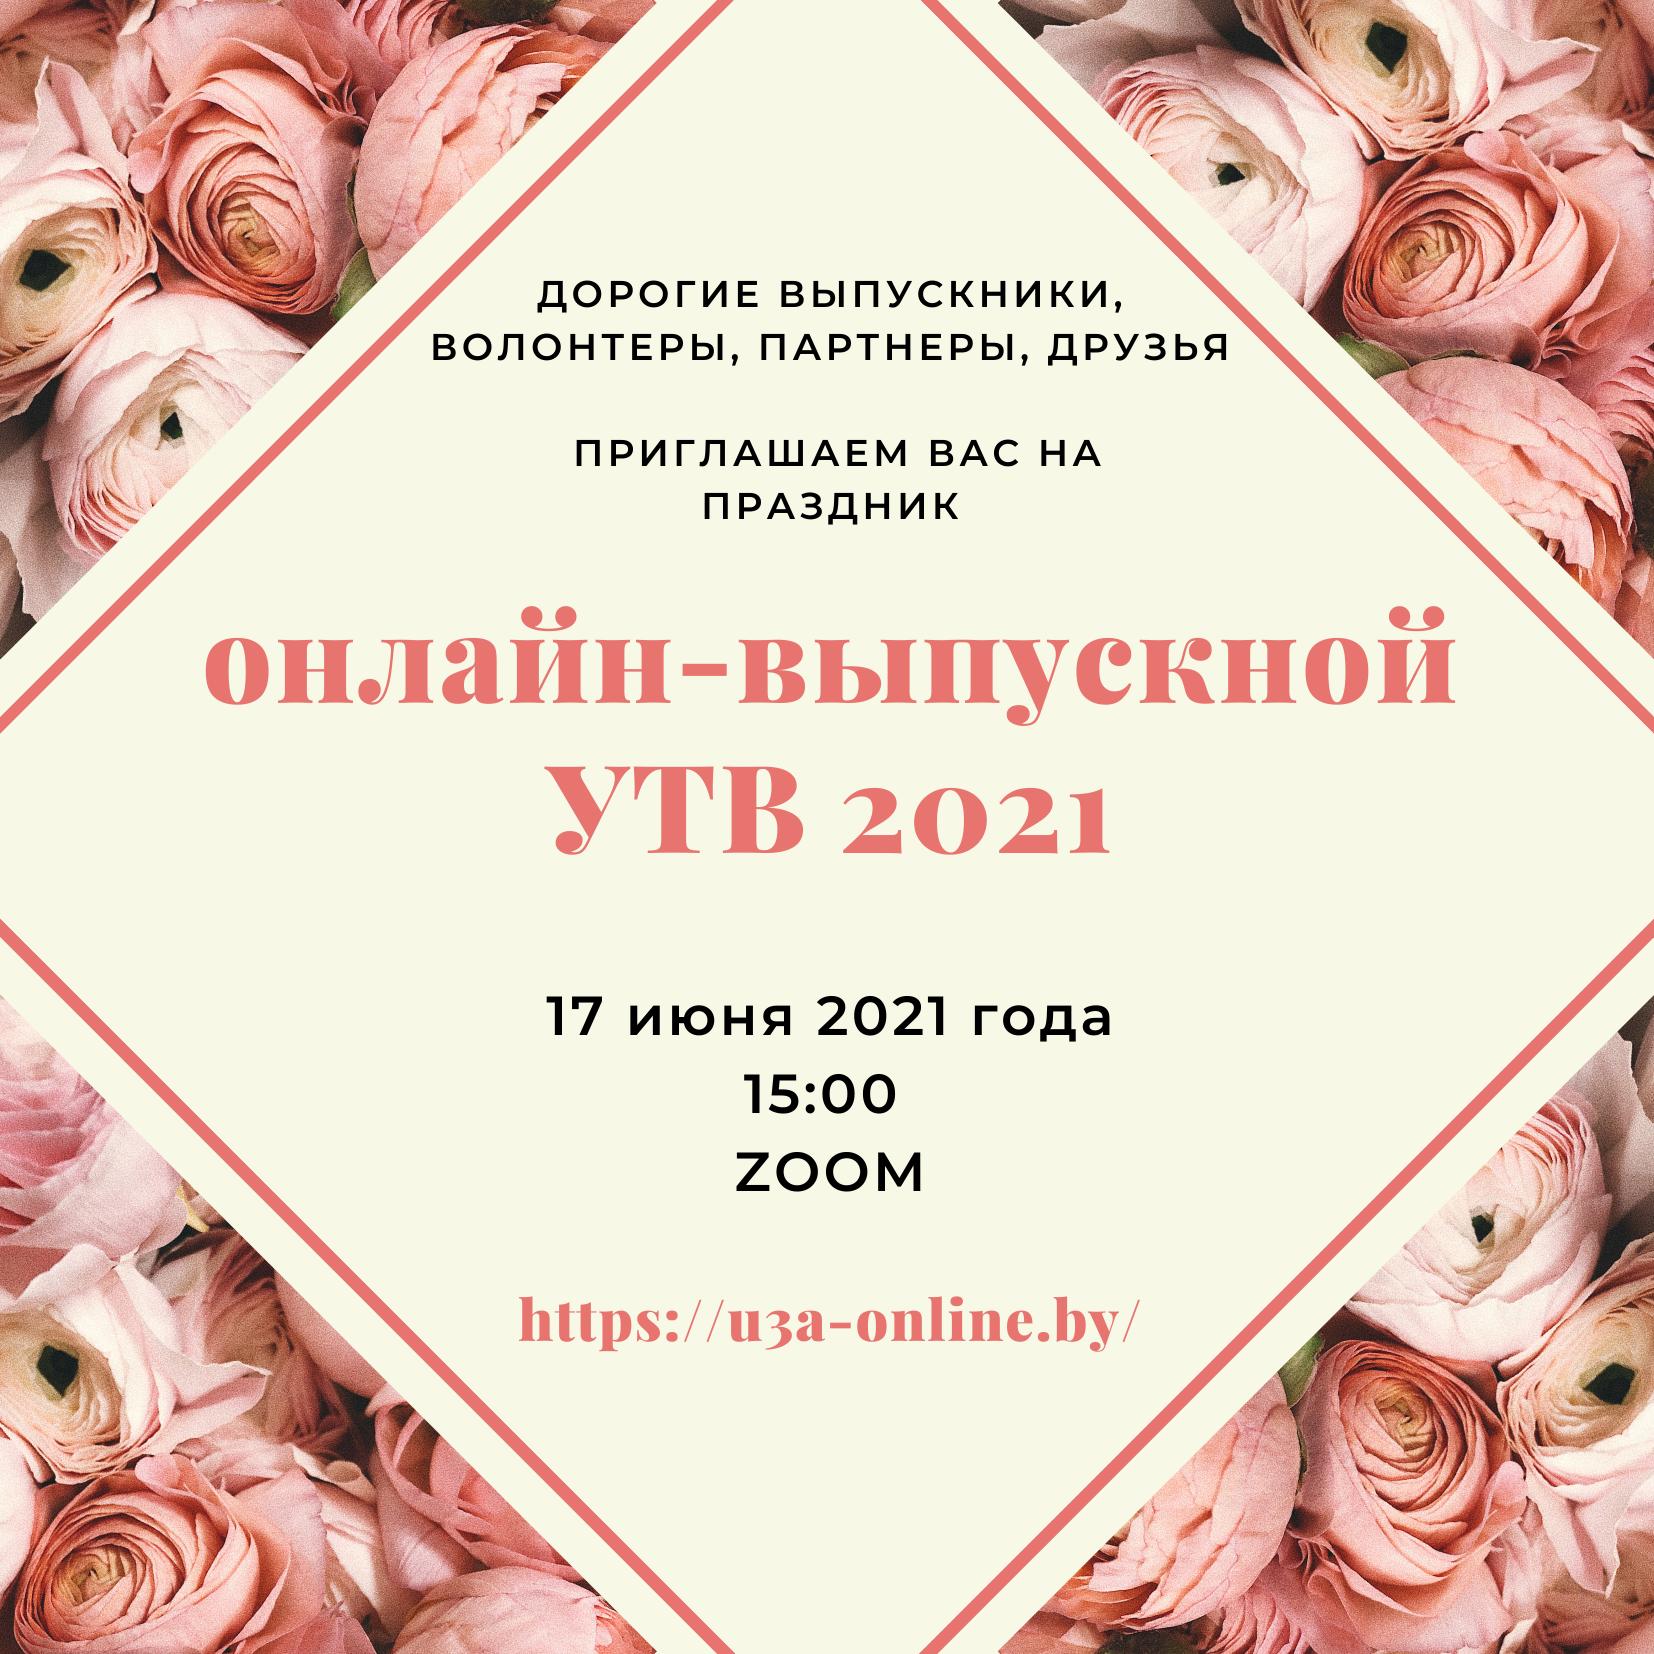 Онлайн-выпускной УТВ 2021